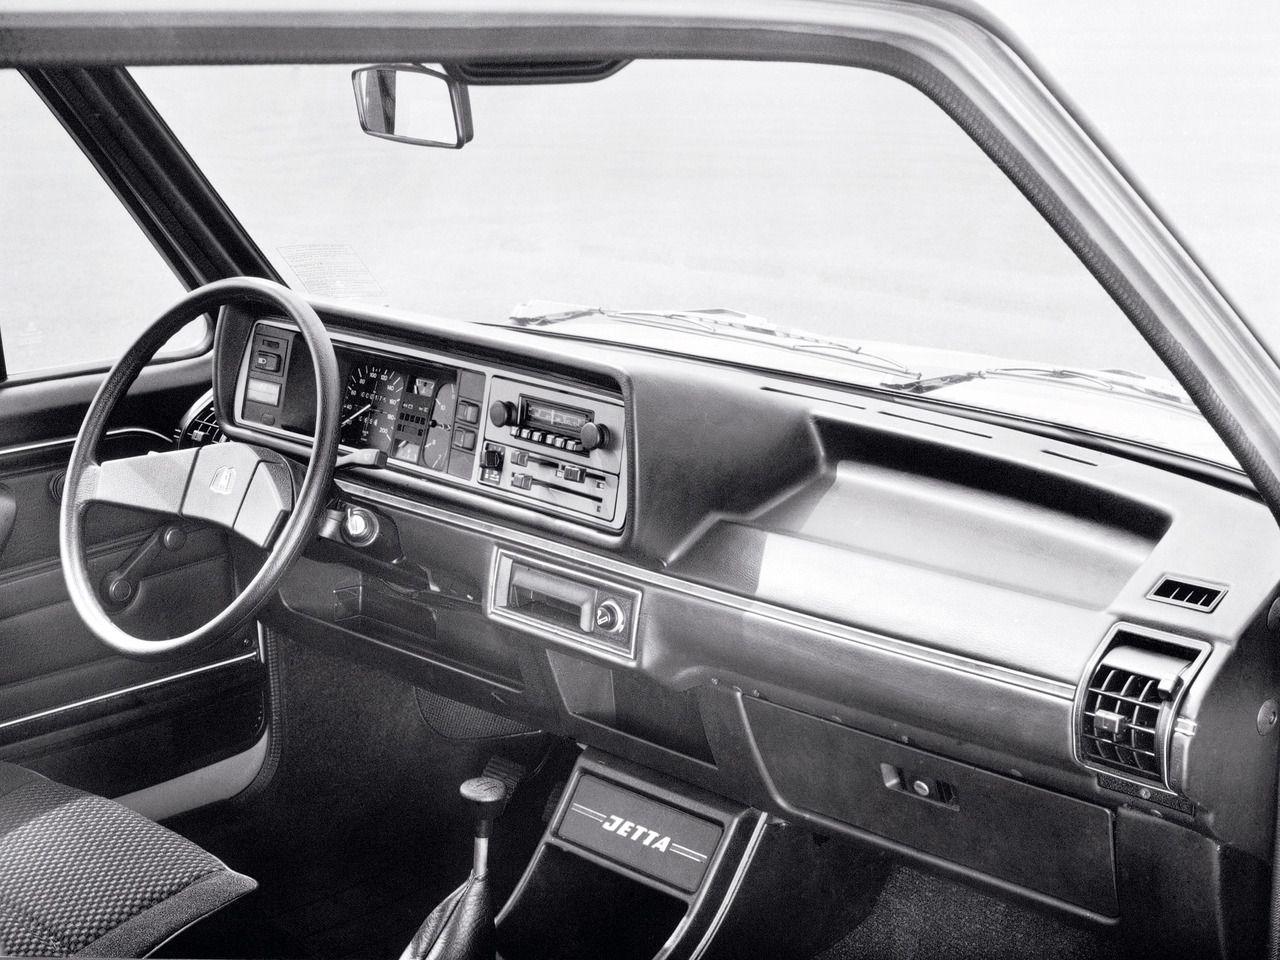 1980 volkswagen jetta